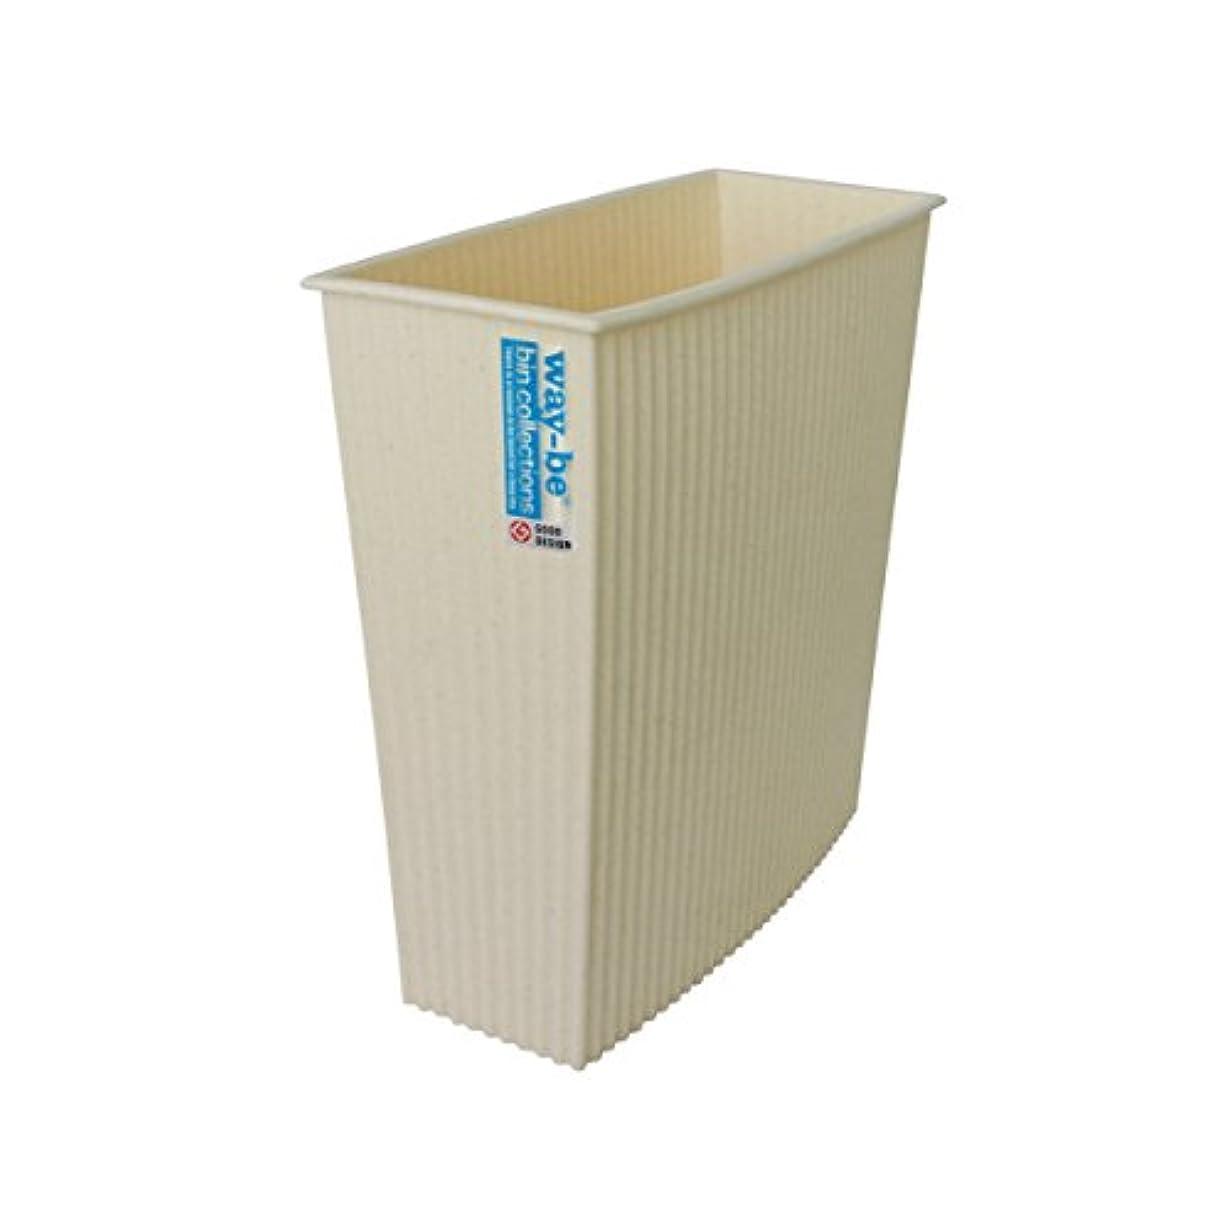 熱心な強大なシャワーゴミ箱 スリム おしゃれ ダストボックス ウェイビー スリムタイプ 127